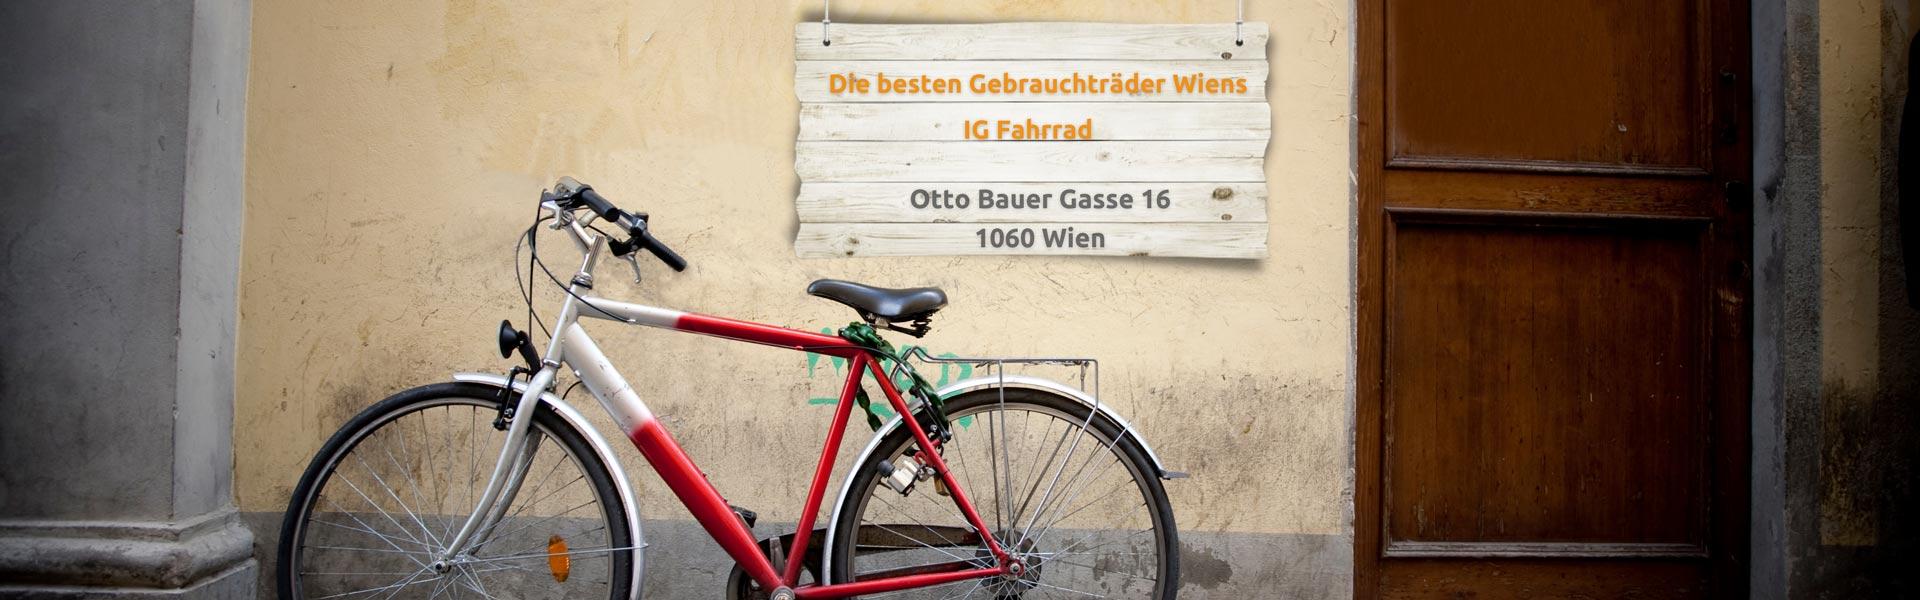 Gebrauchte Fahrräder in Wien 1060